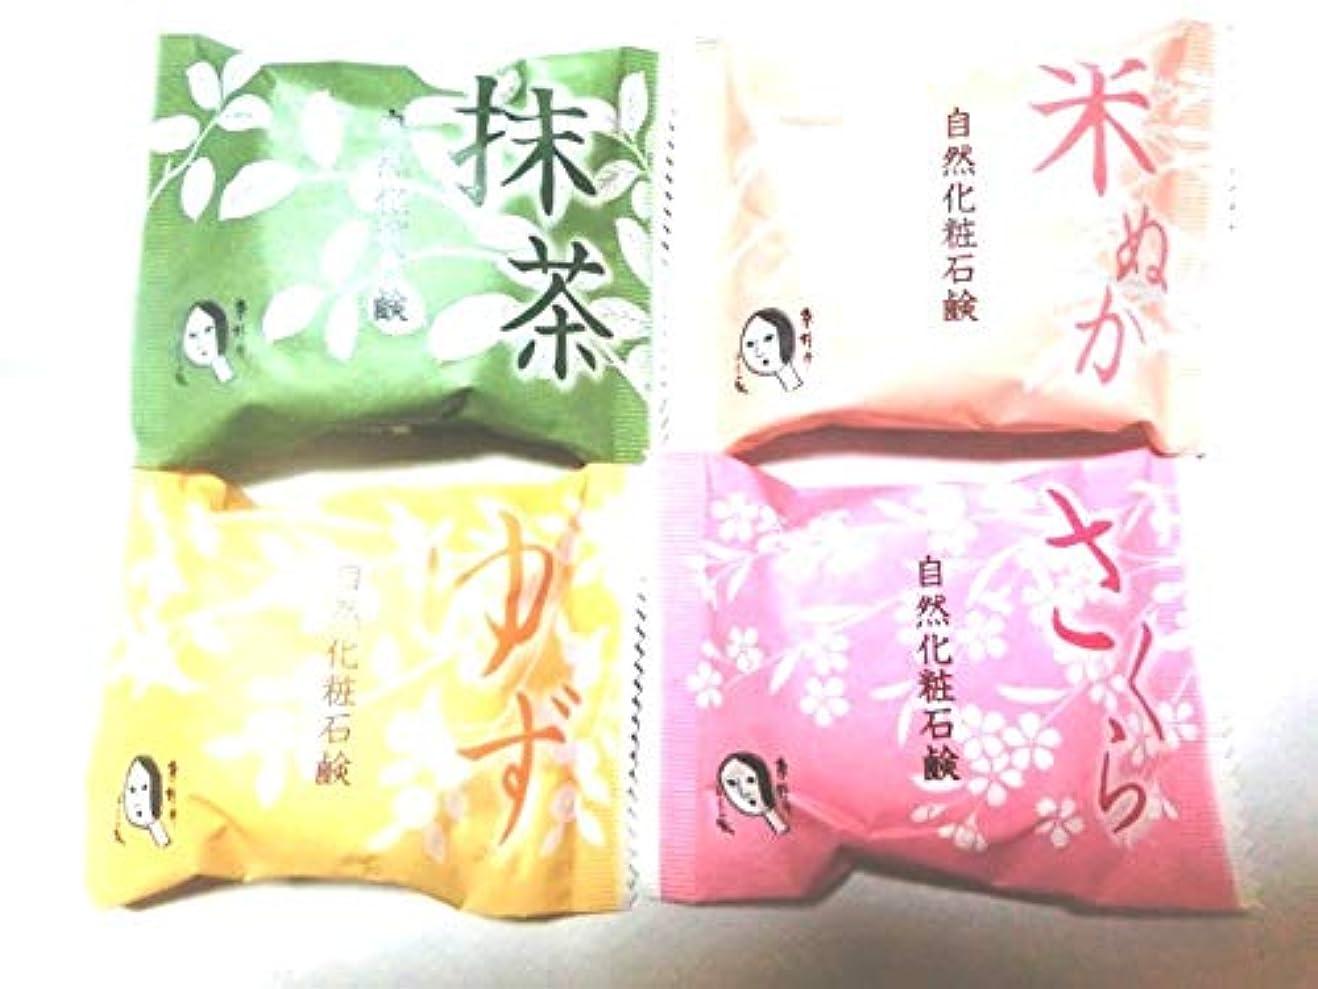 アナニバー金貸し財布よーじや 自然化粧石鹸 50g (抹茶)